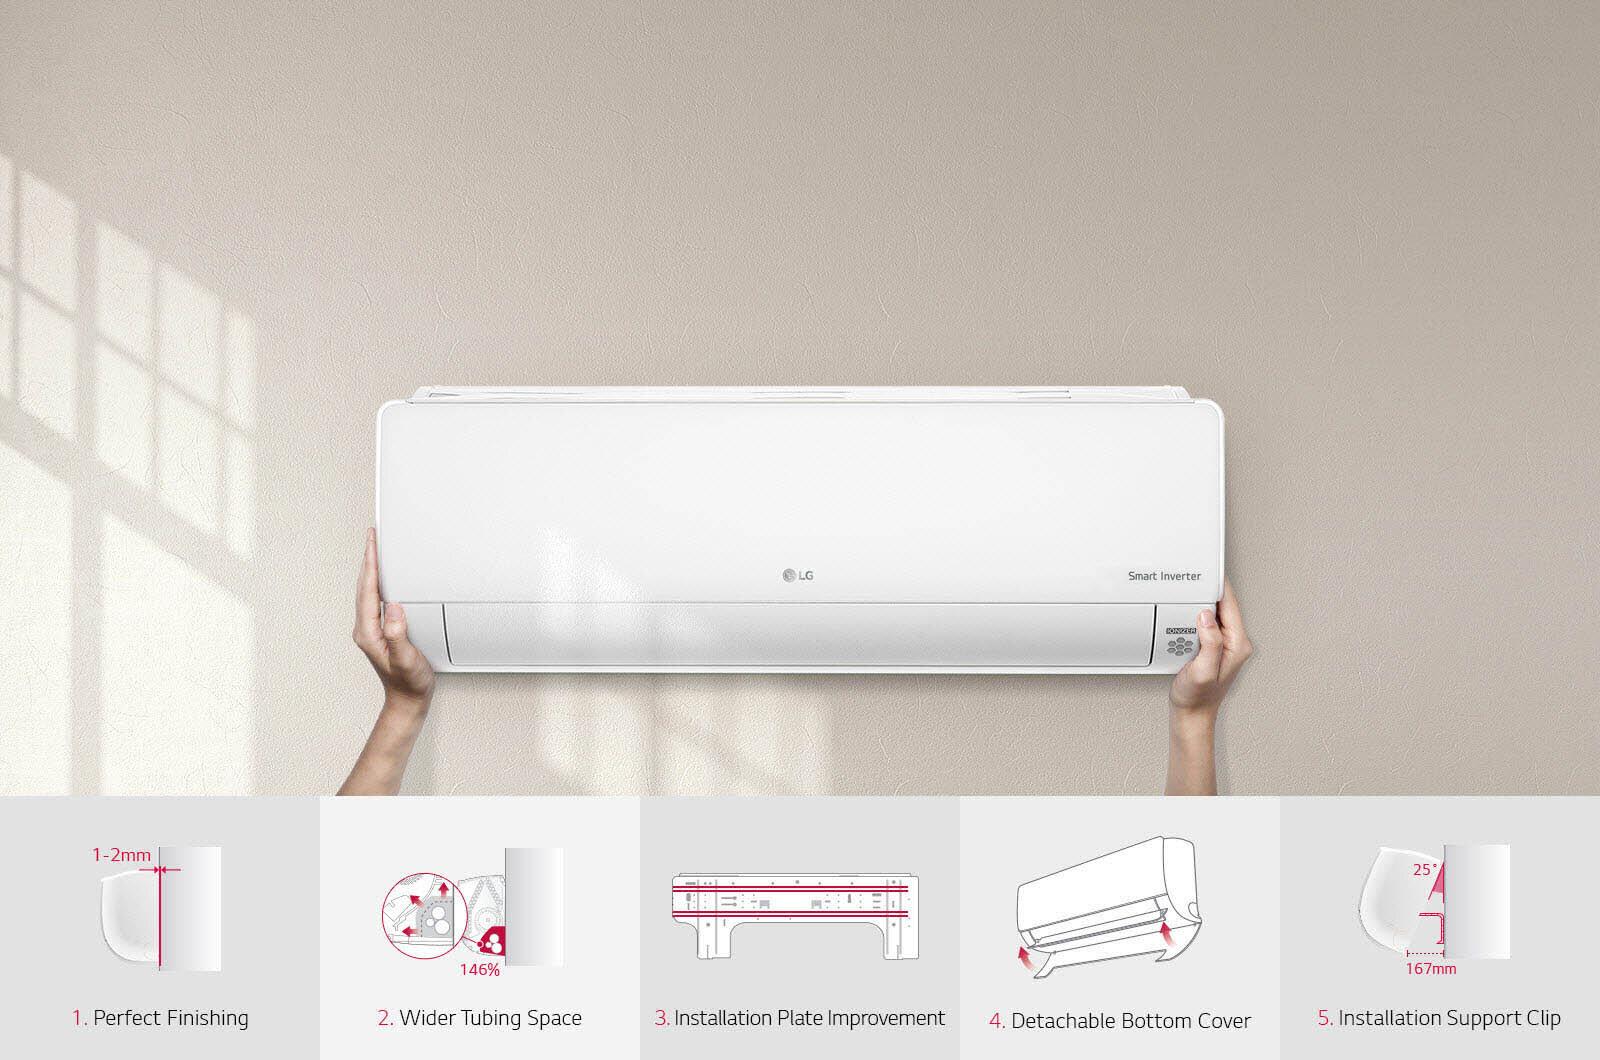 Điều hòa LG B13END với khả năng làm lạnh nhanh hơn 40% so với sản phẩm cùng phân khúc